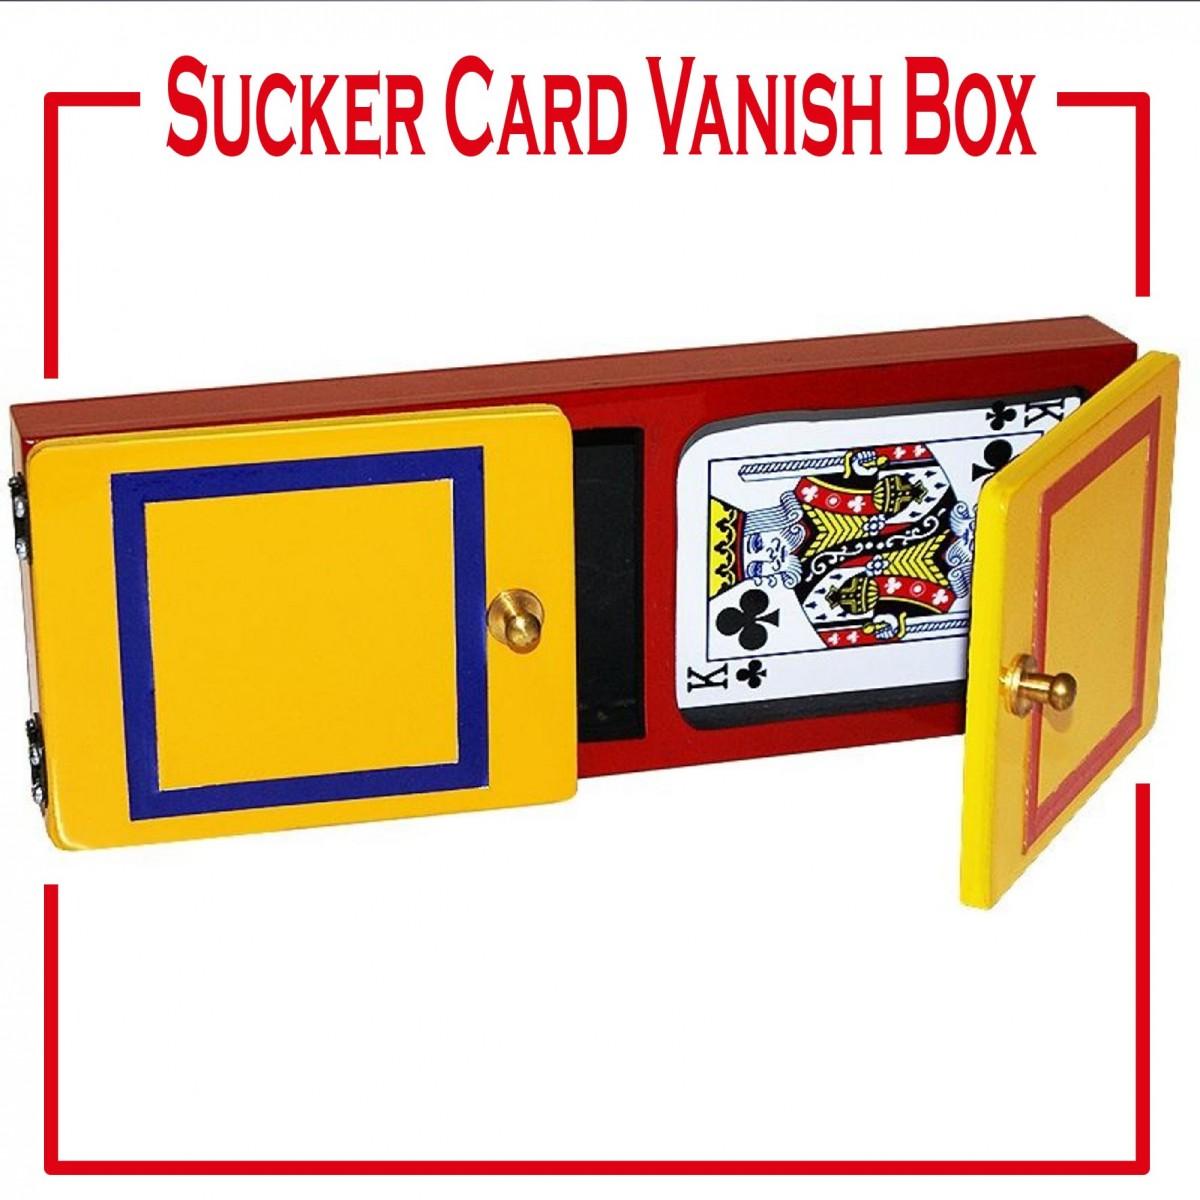 Sucker card Vanish box